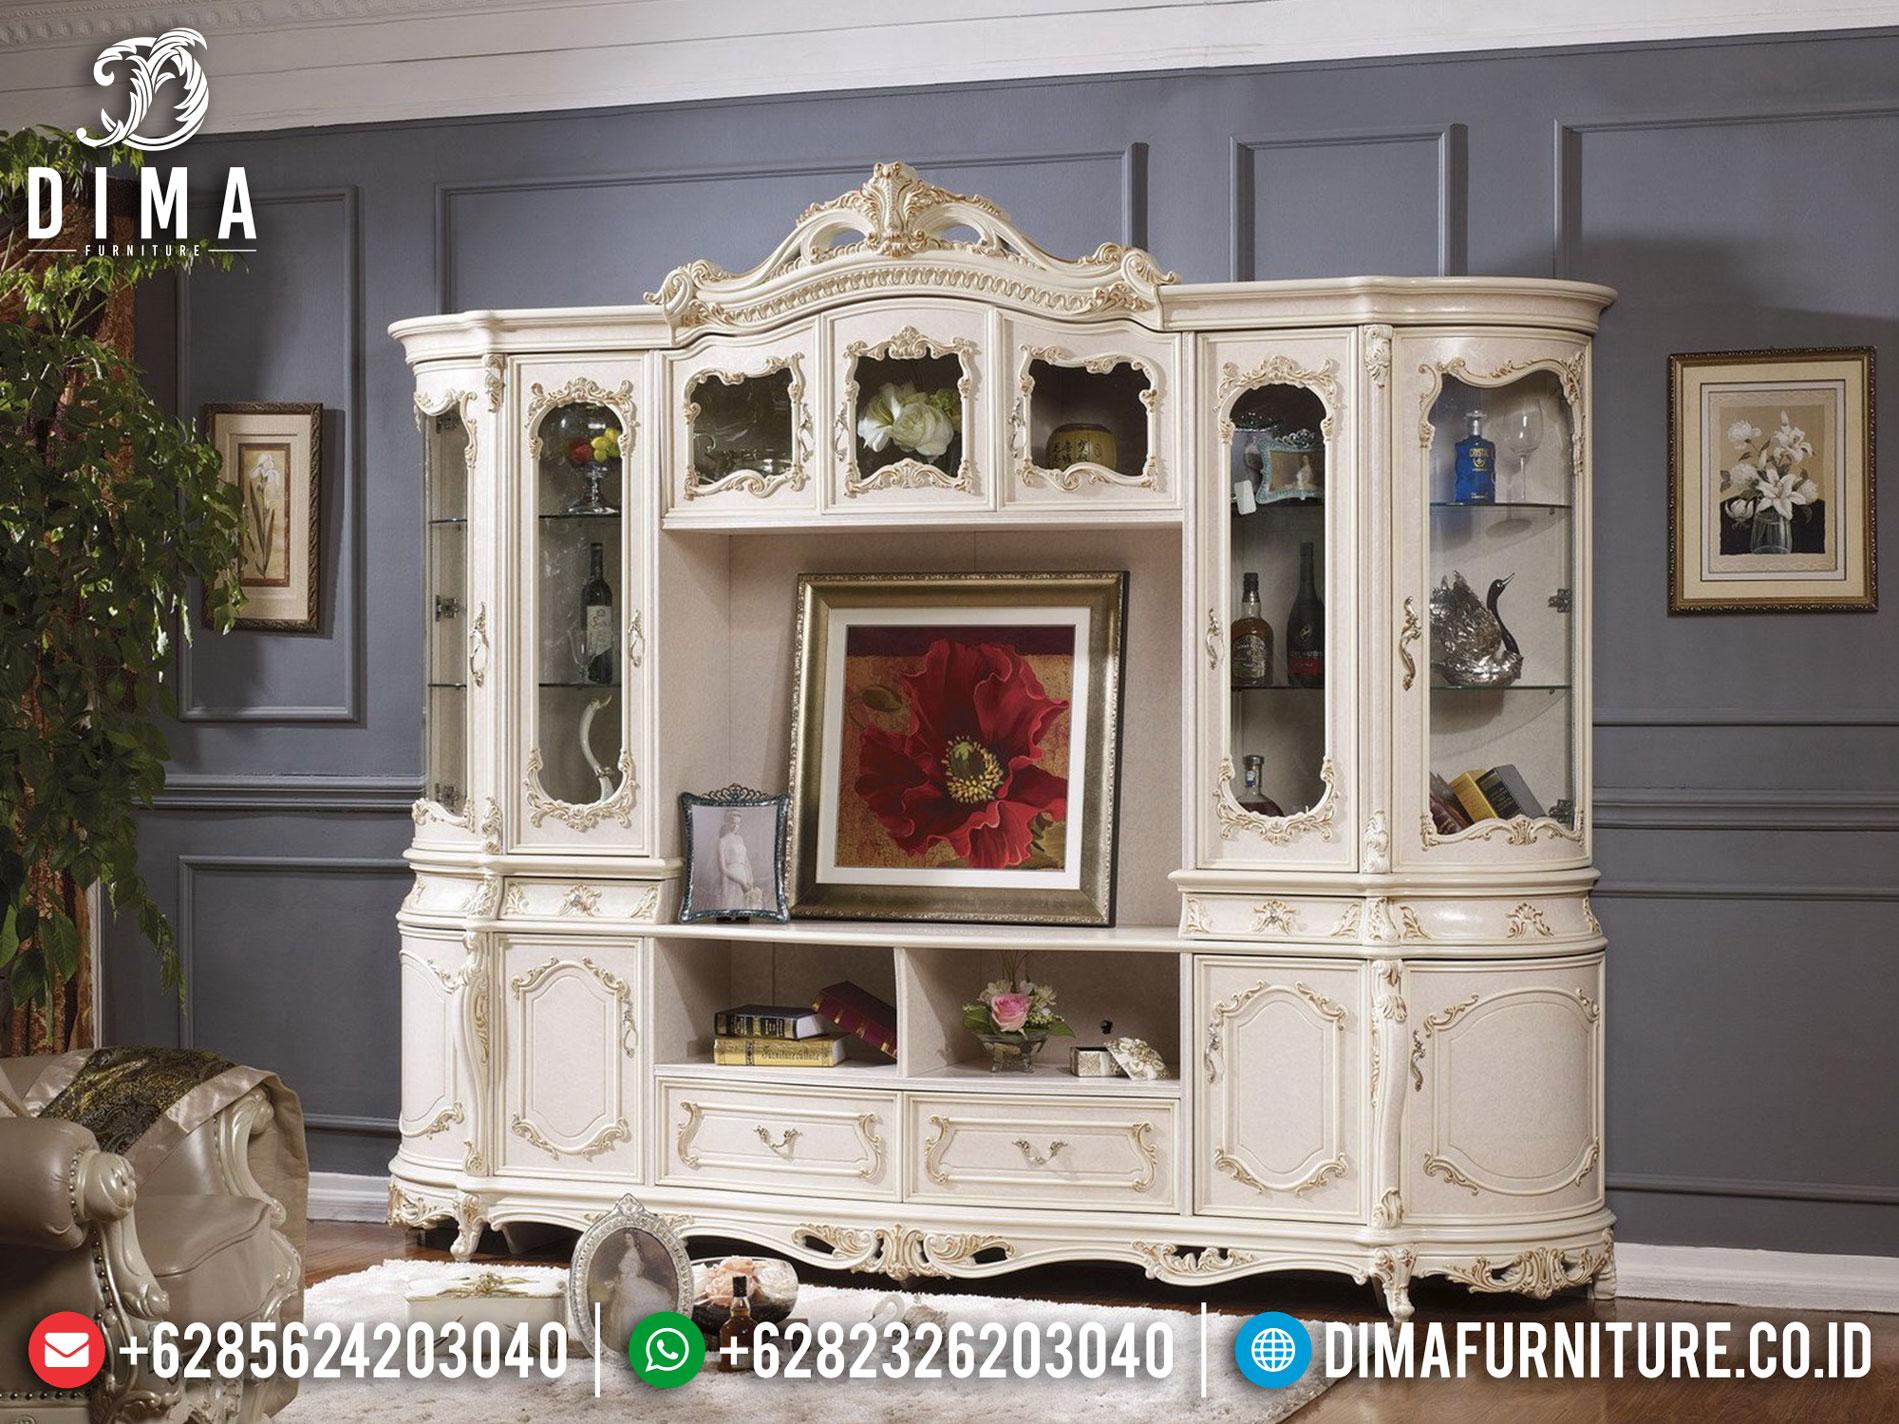 Jual Lemari Hias Ukiran Mewah Unique Design Kualitas Grade A Furniture Jepara TTJ-1034